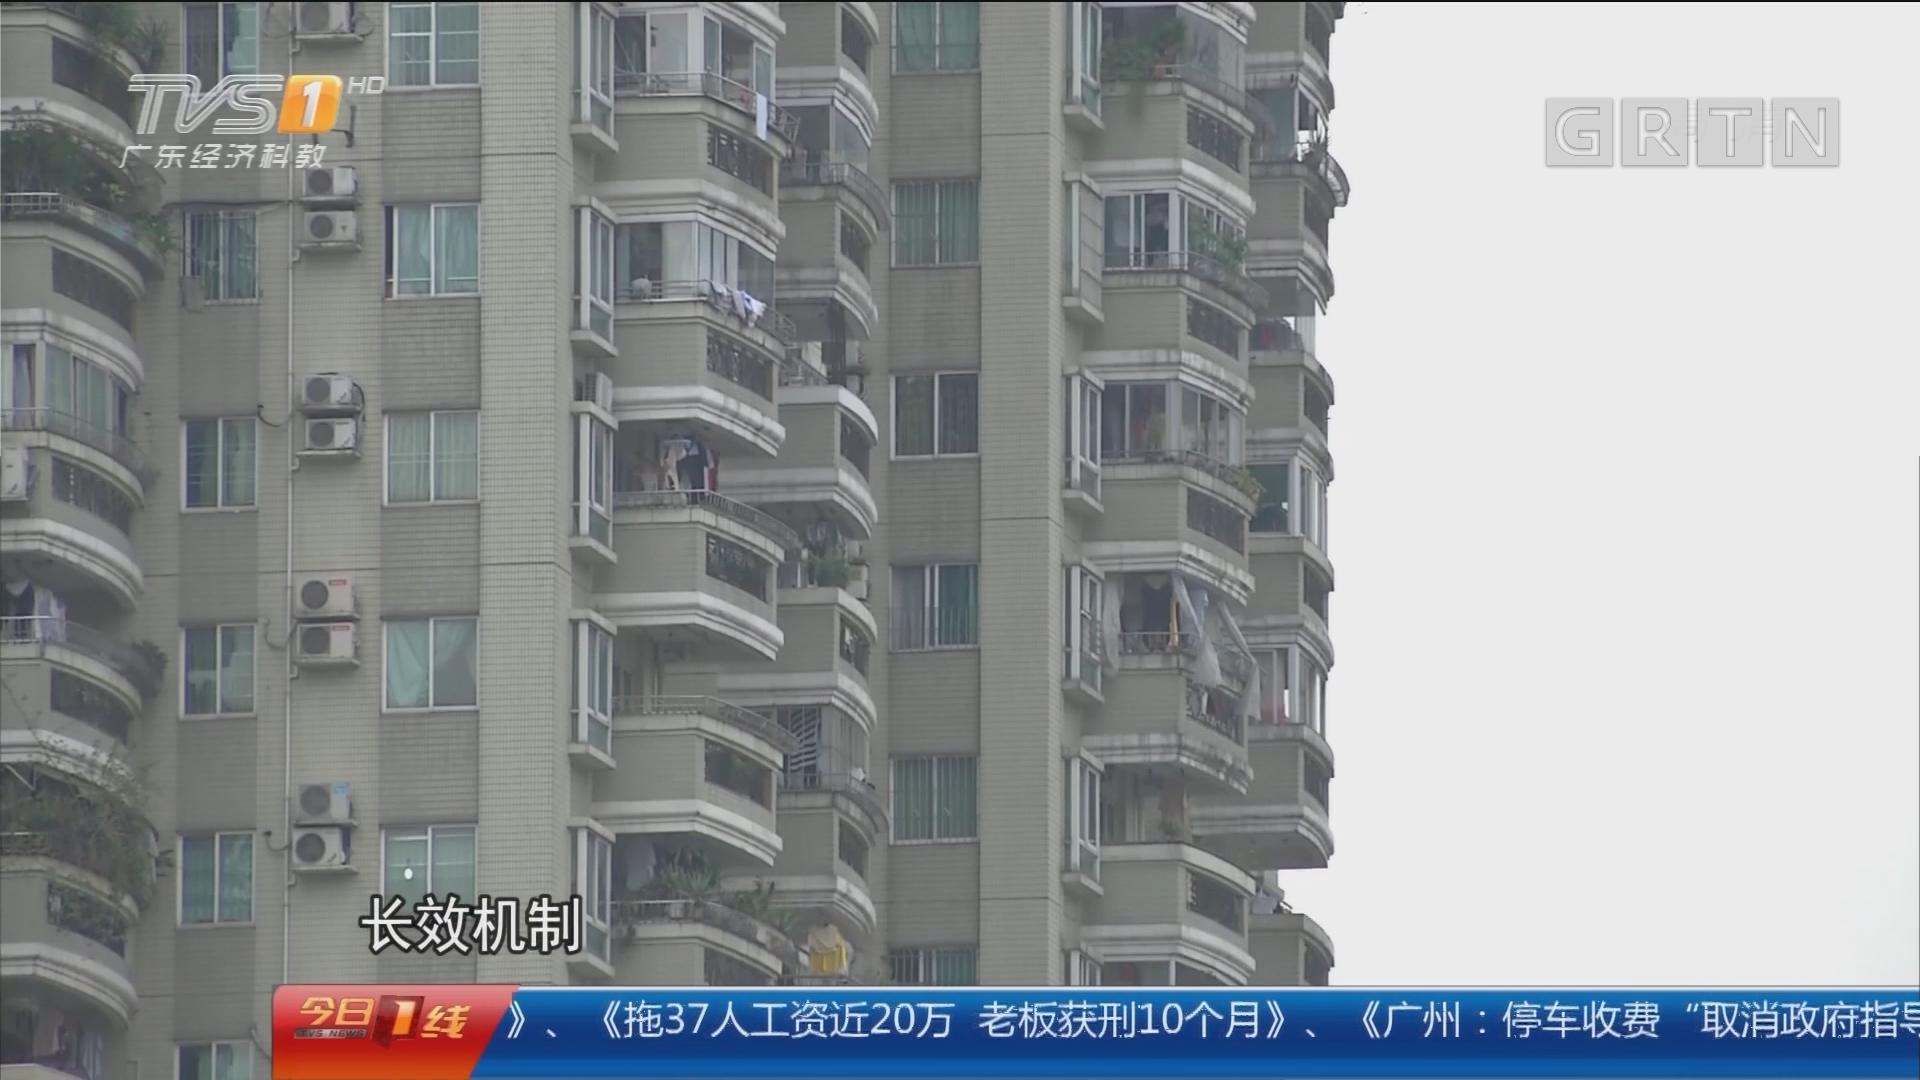 广州楼市:2017广州楼盘最高涨了105%